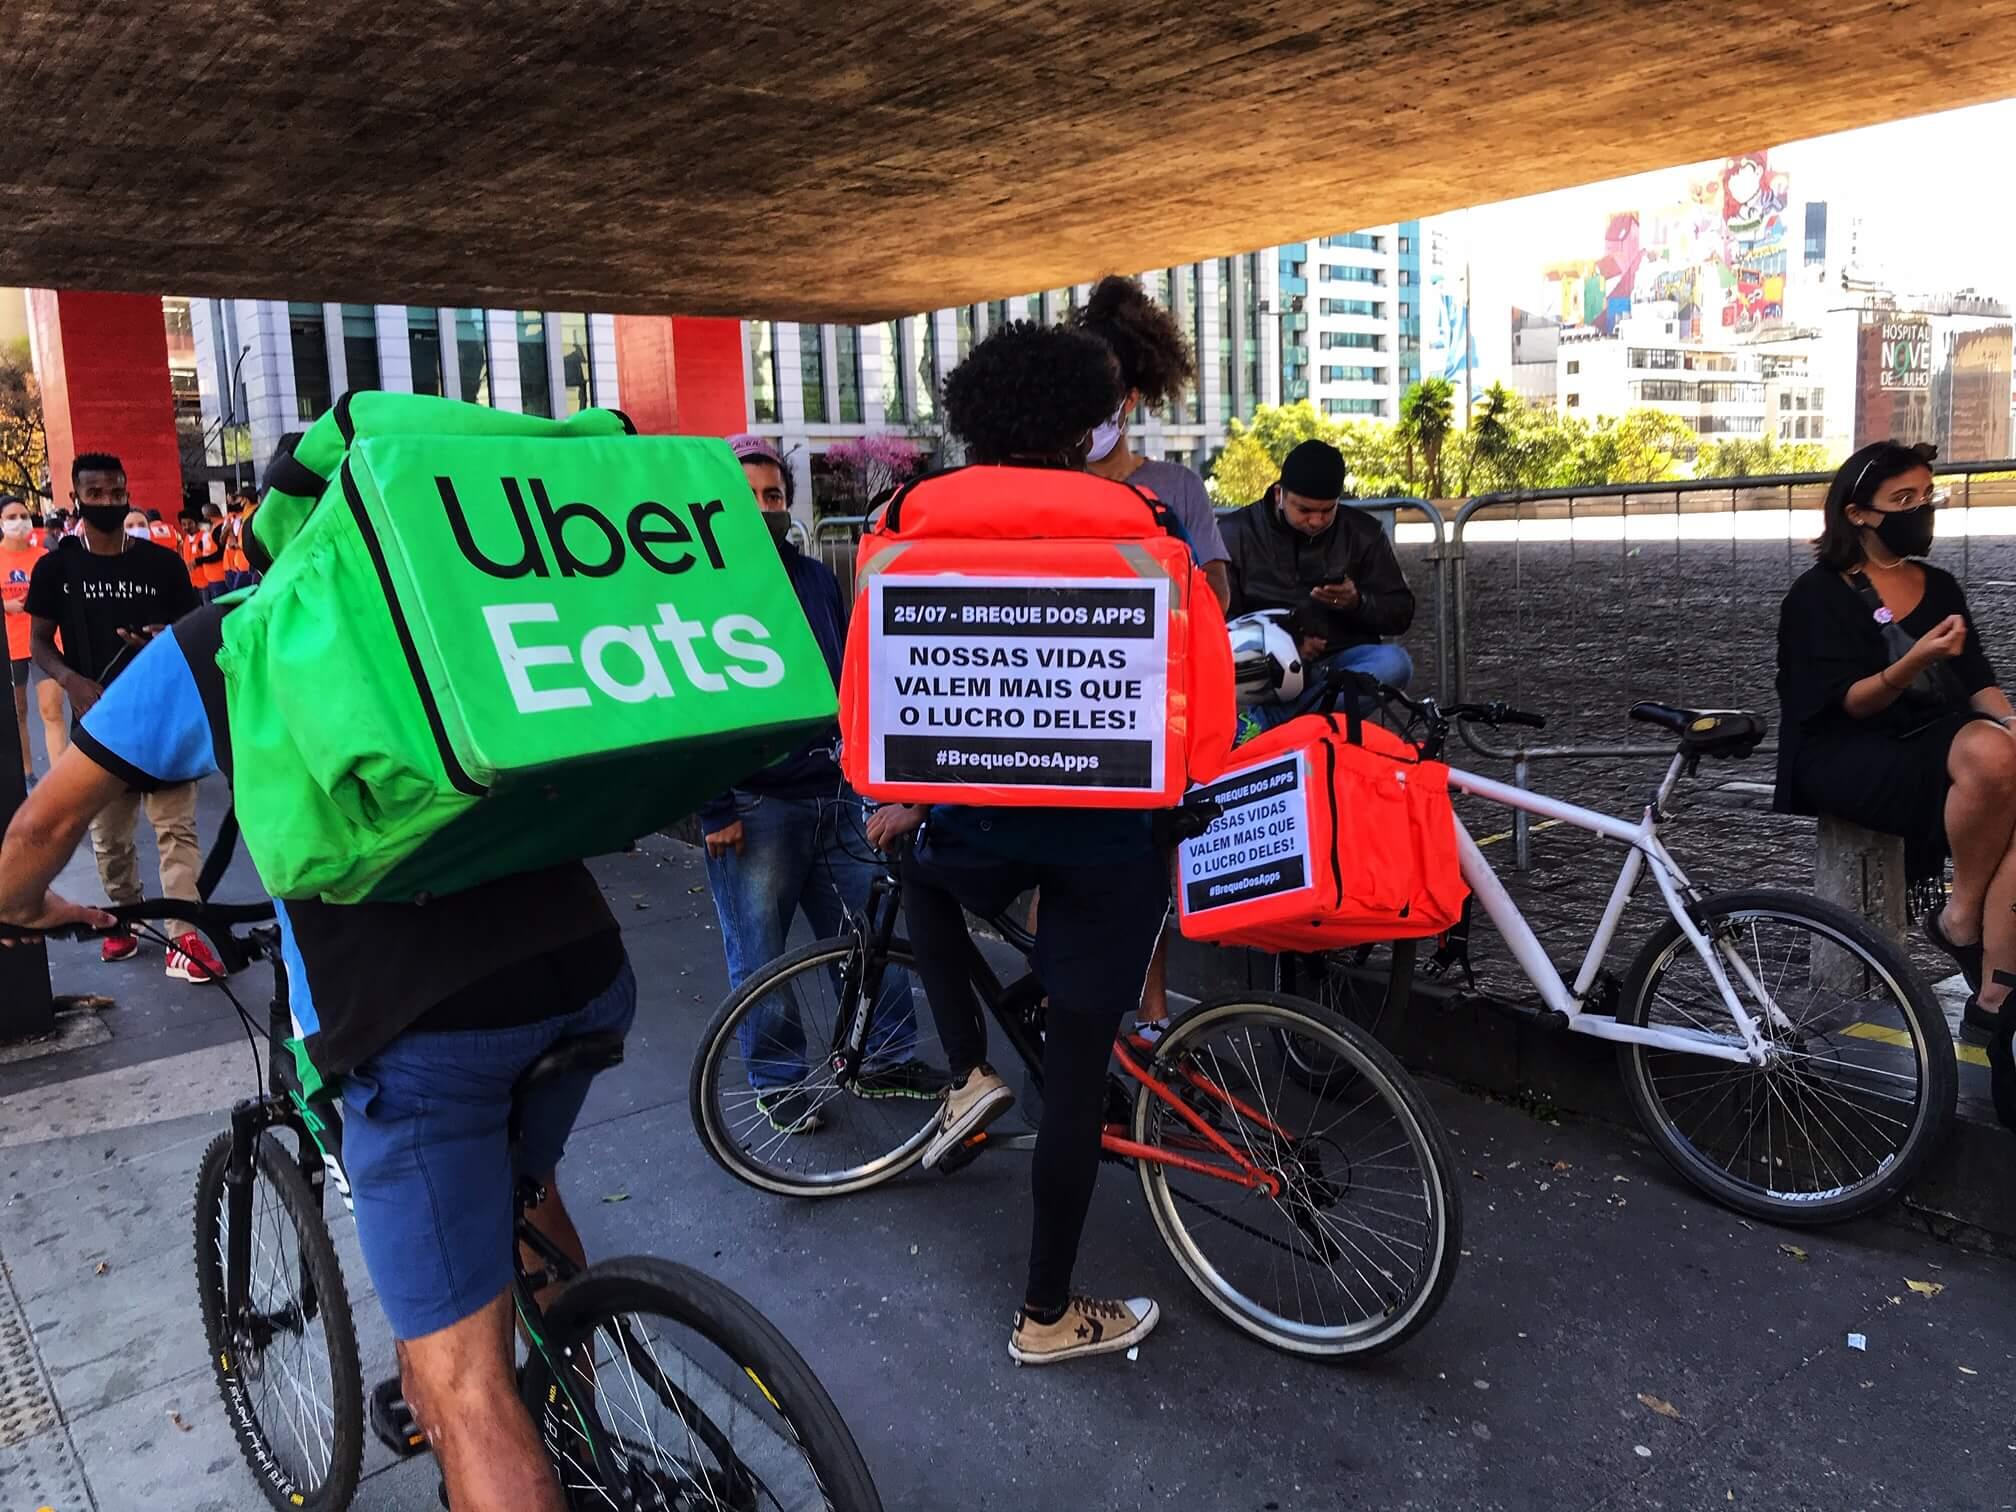 2ème arrêt des APPS - grève des délivreurs d'applications, São Paulo SP (Via: Photos publiques)